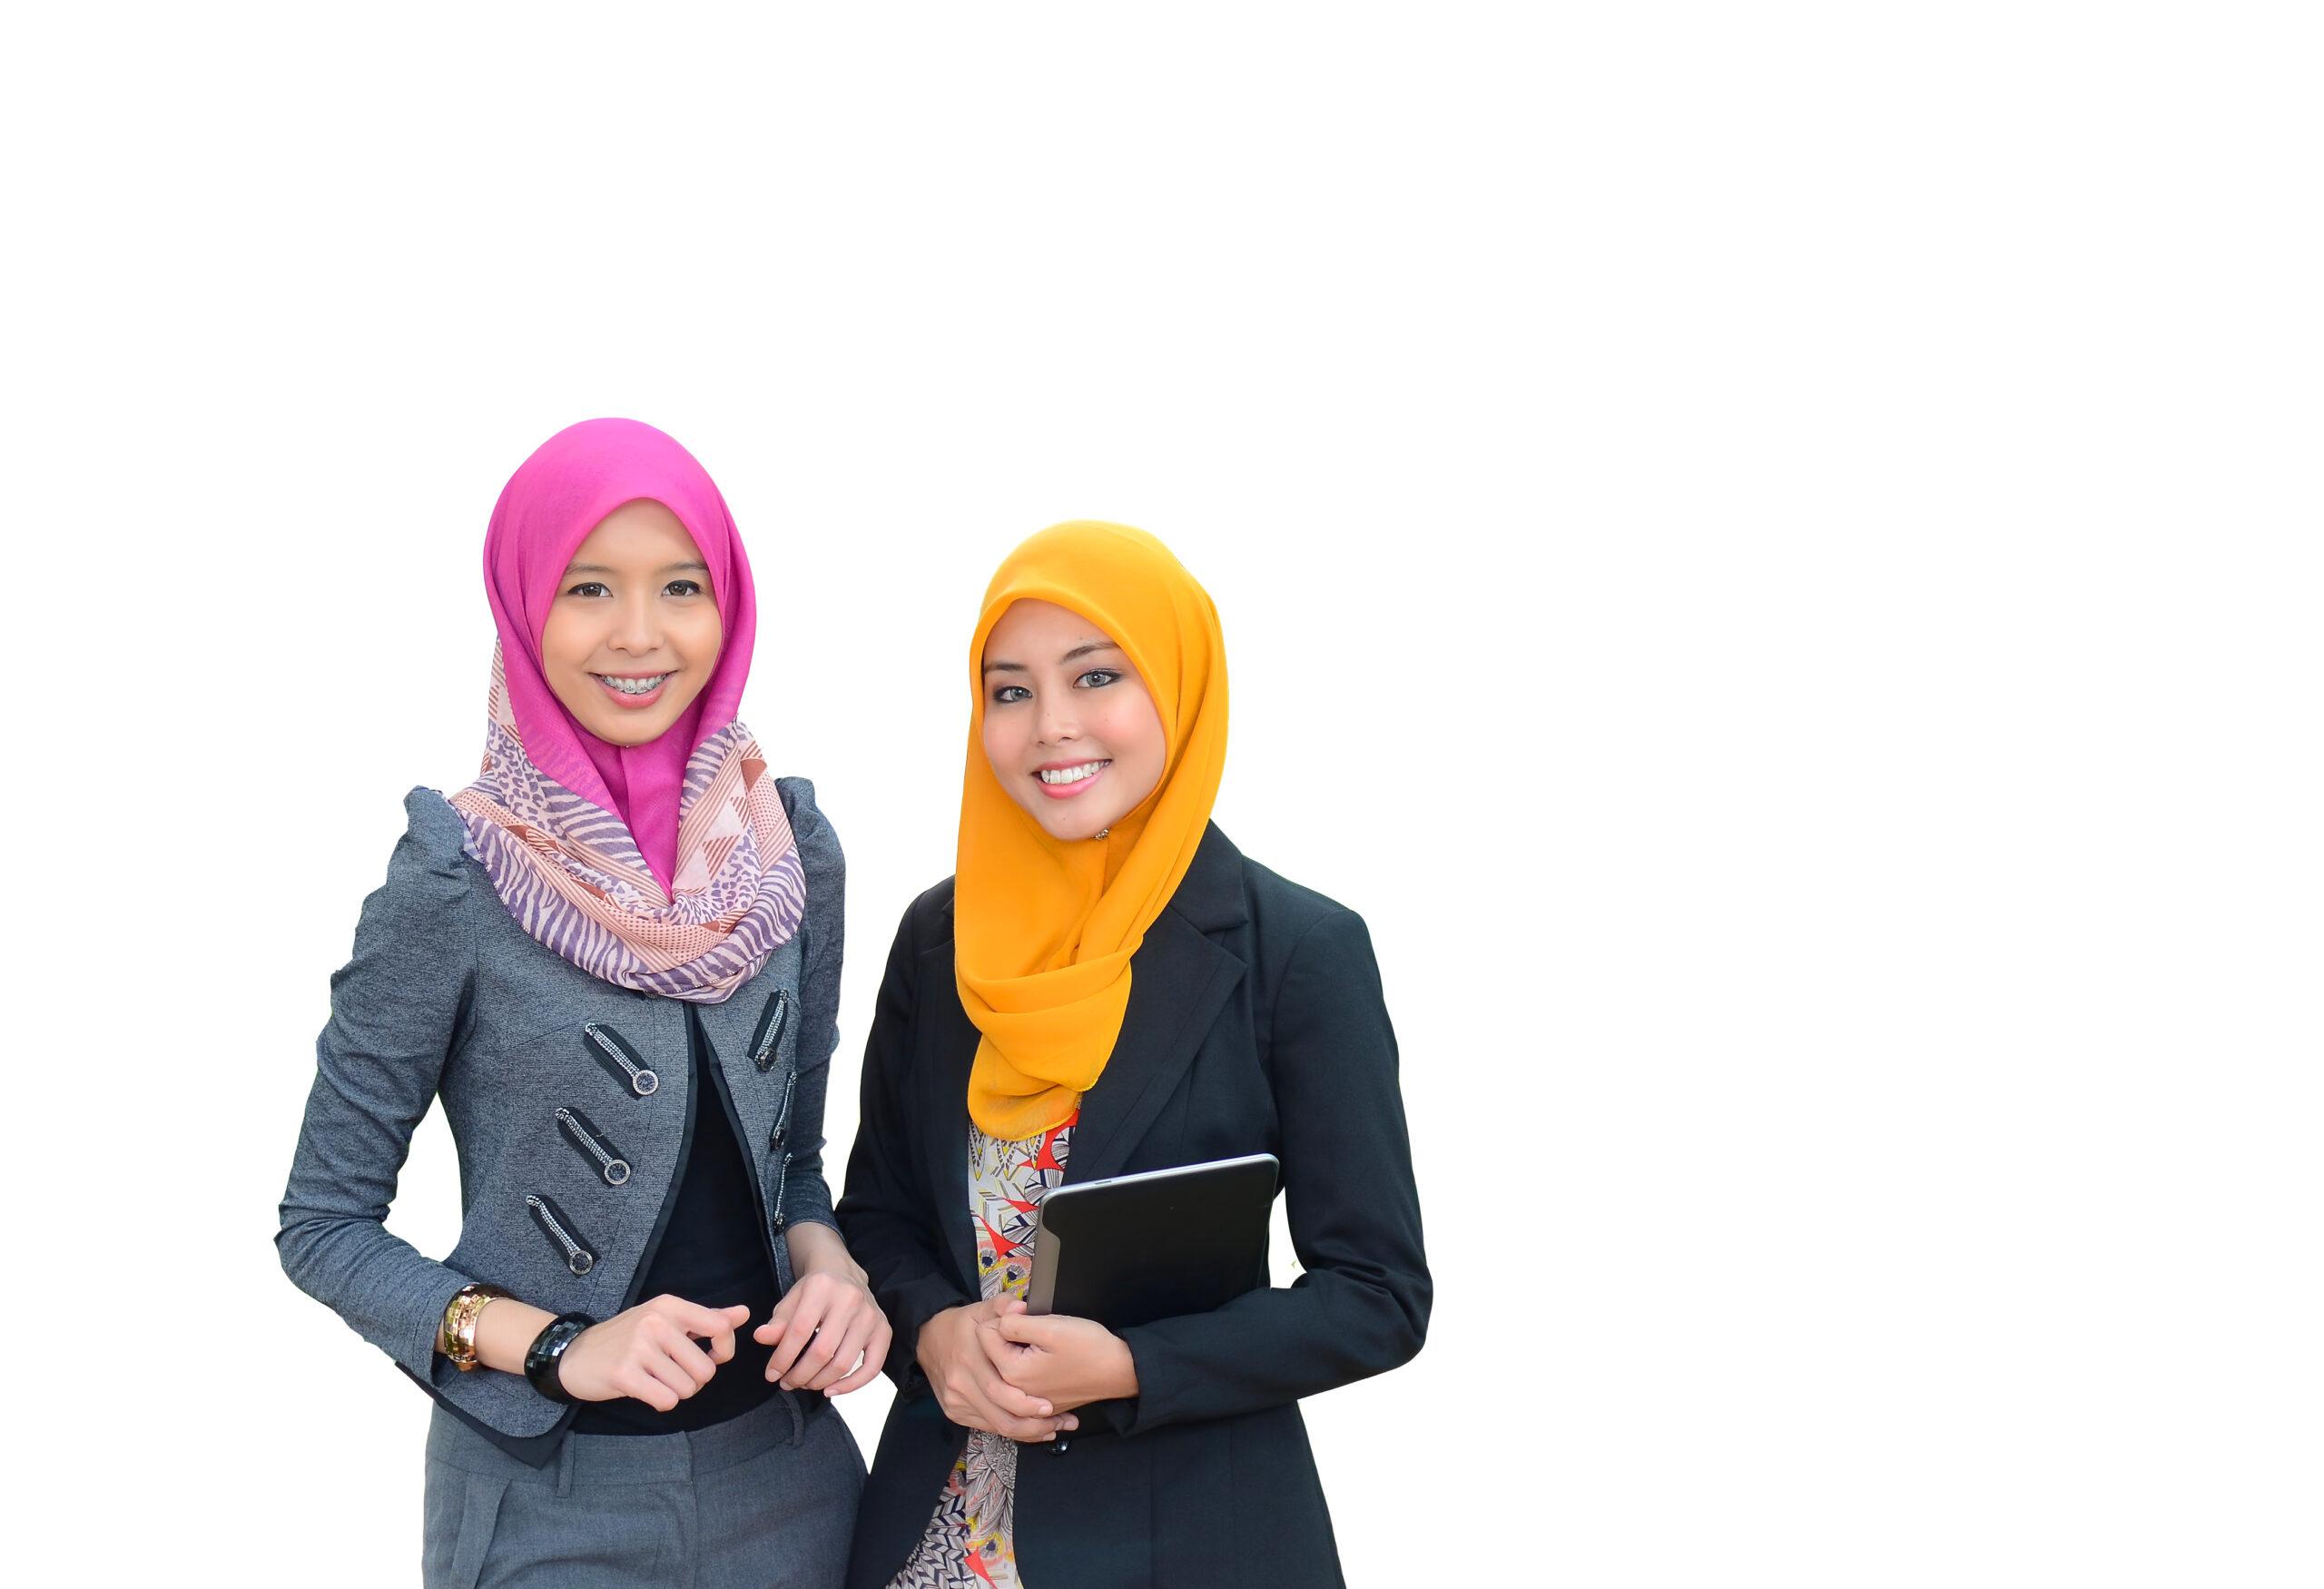 Benarkah Masyarakat Melayu Singapura Bermasalah?